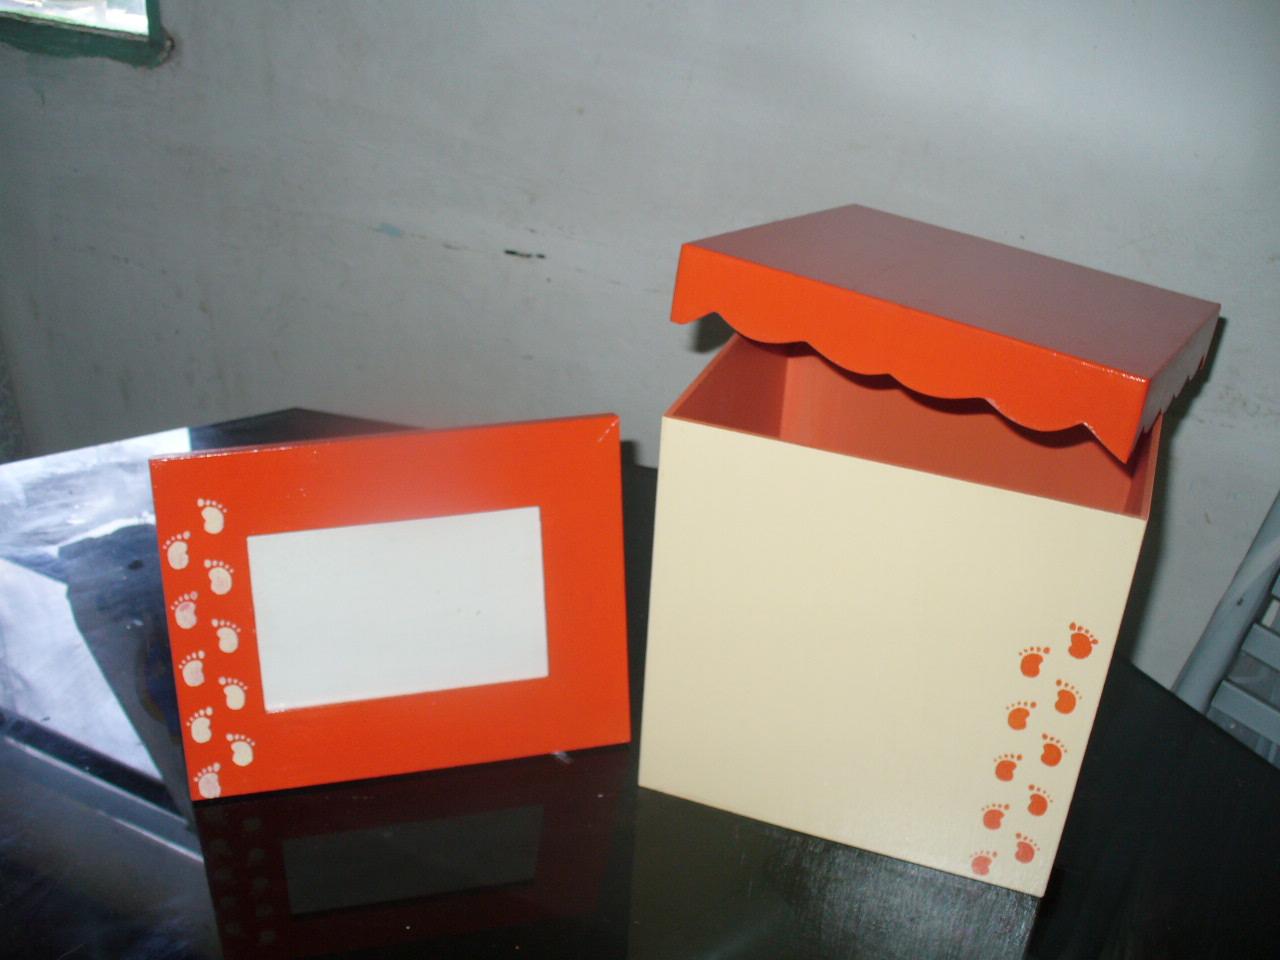 Dulces manualidades caja madera pintada a mano grande - Caja madera manualidades ...